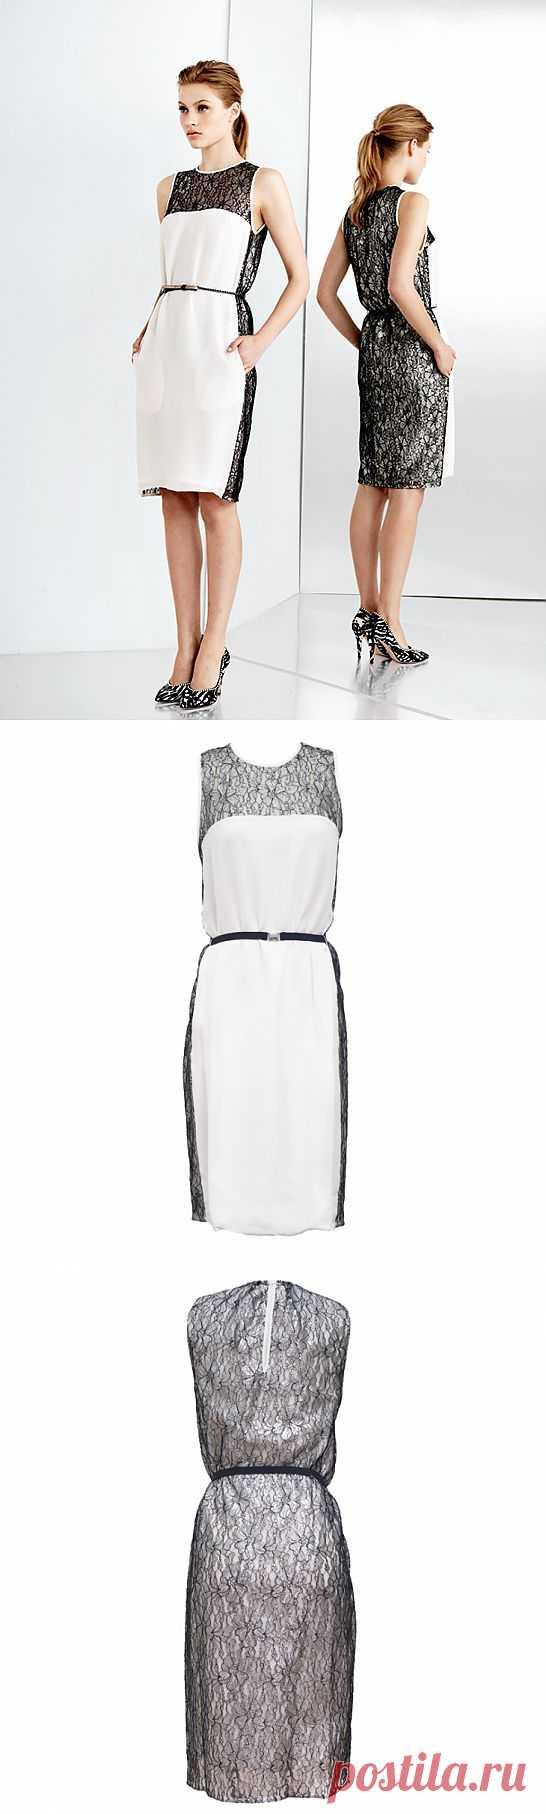 Платье с кружевом / Кружево / Модный сайт о стильной переделке одежды и интерьера